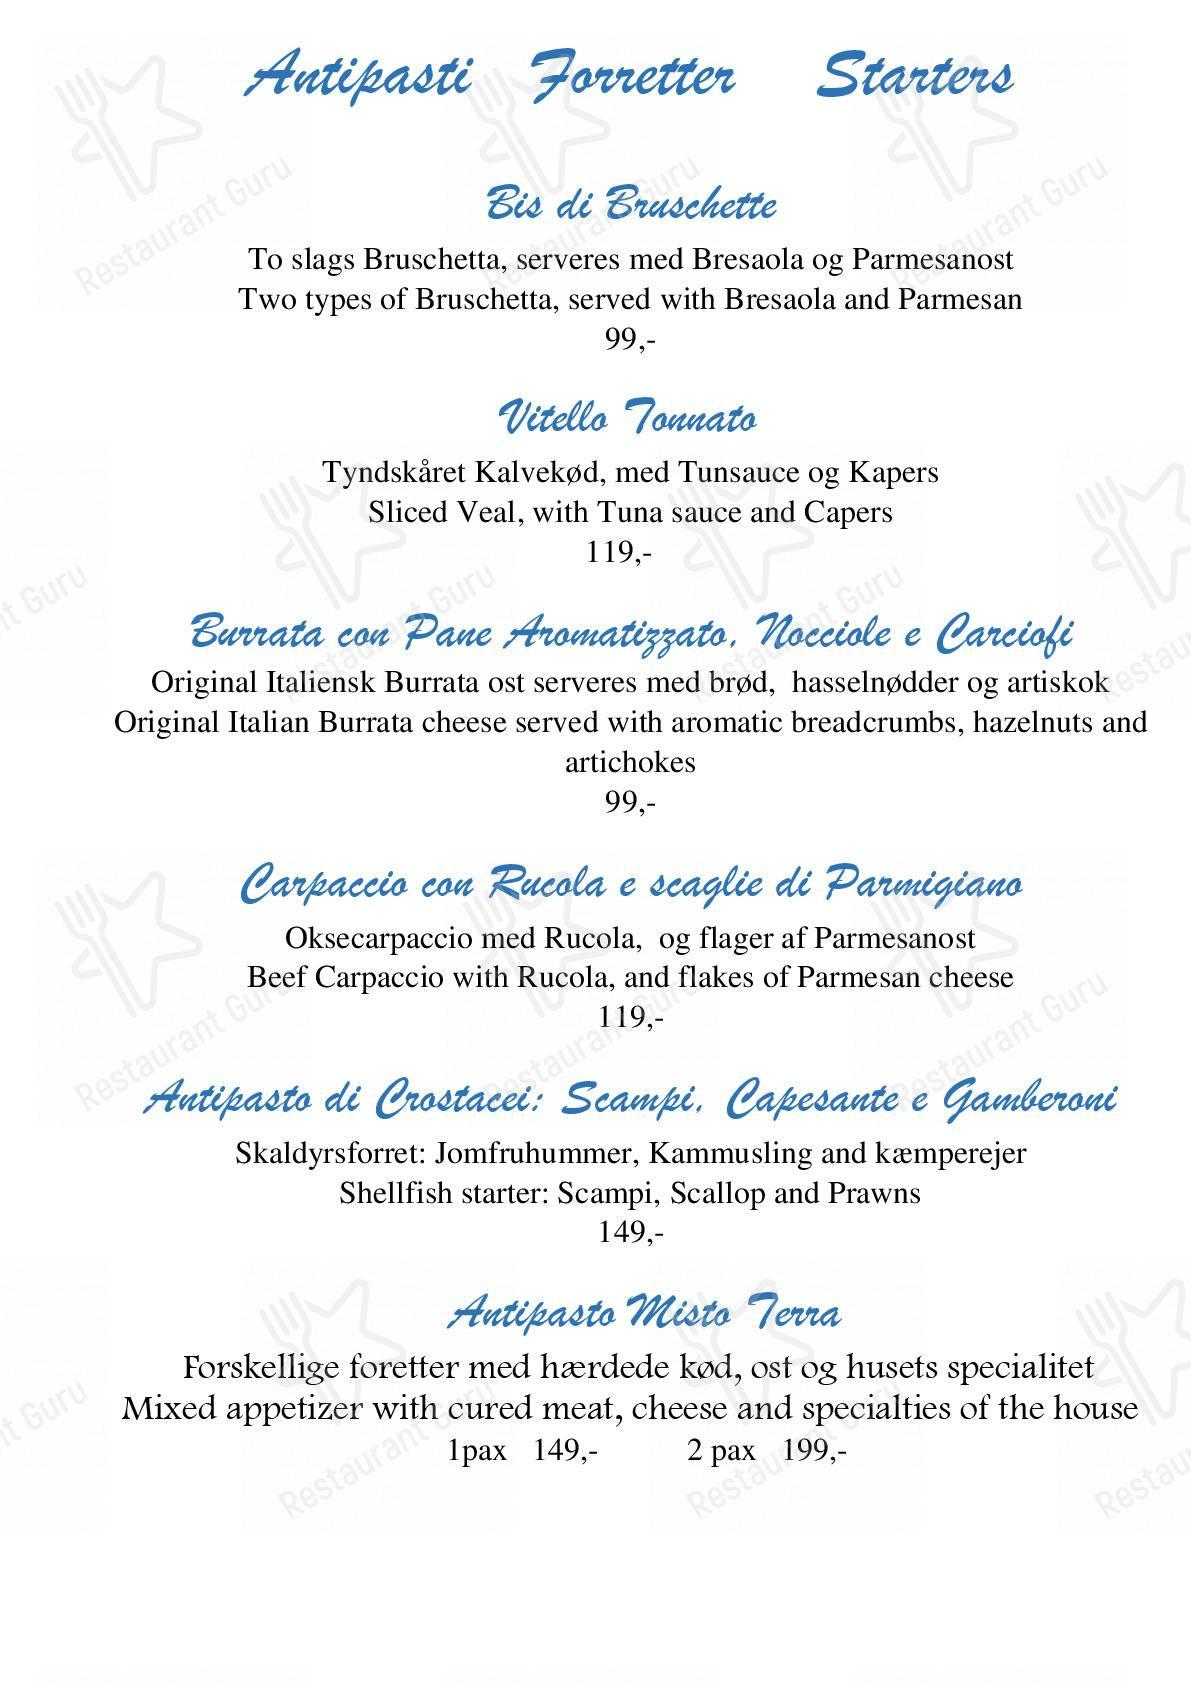 Check out the menu for La Dolce Vita